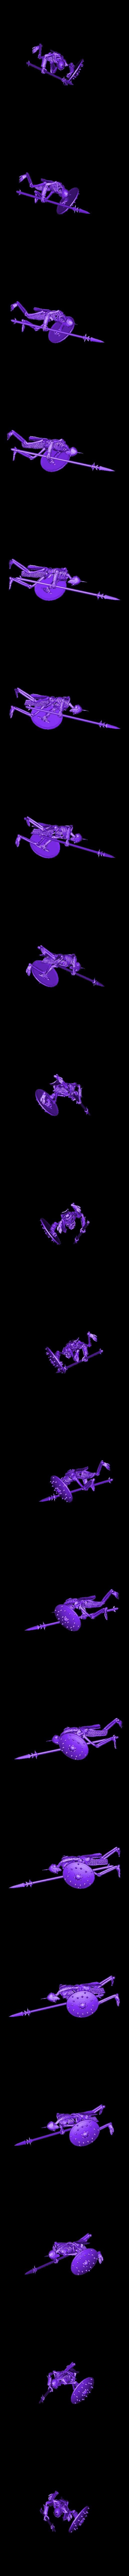 Skeleton_12.stl Télécharger fichier 3MF gratuit Spooky Scary Skeleton Warriors • Design pour imprimante 3D, EmanG